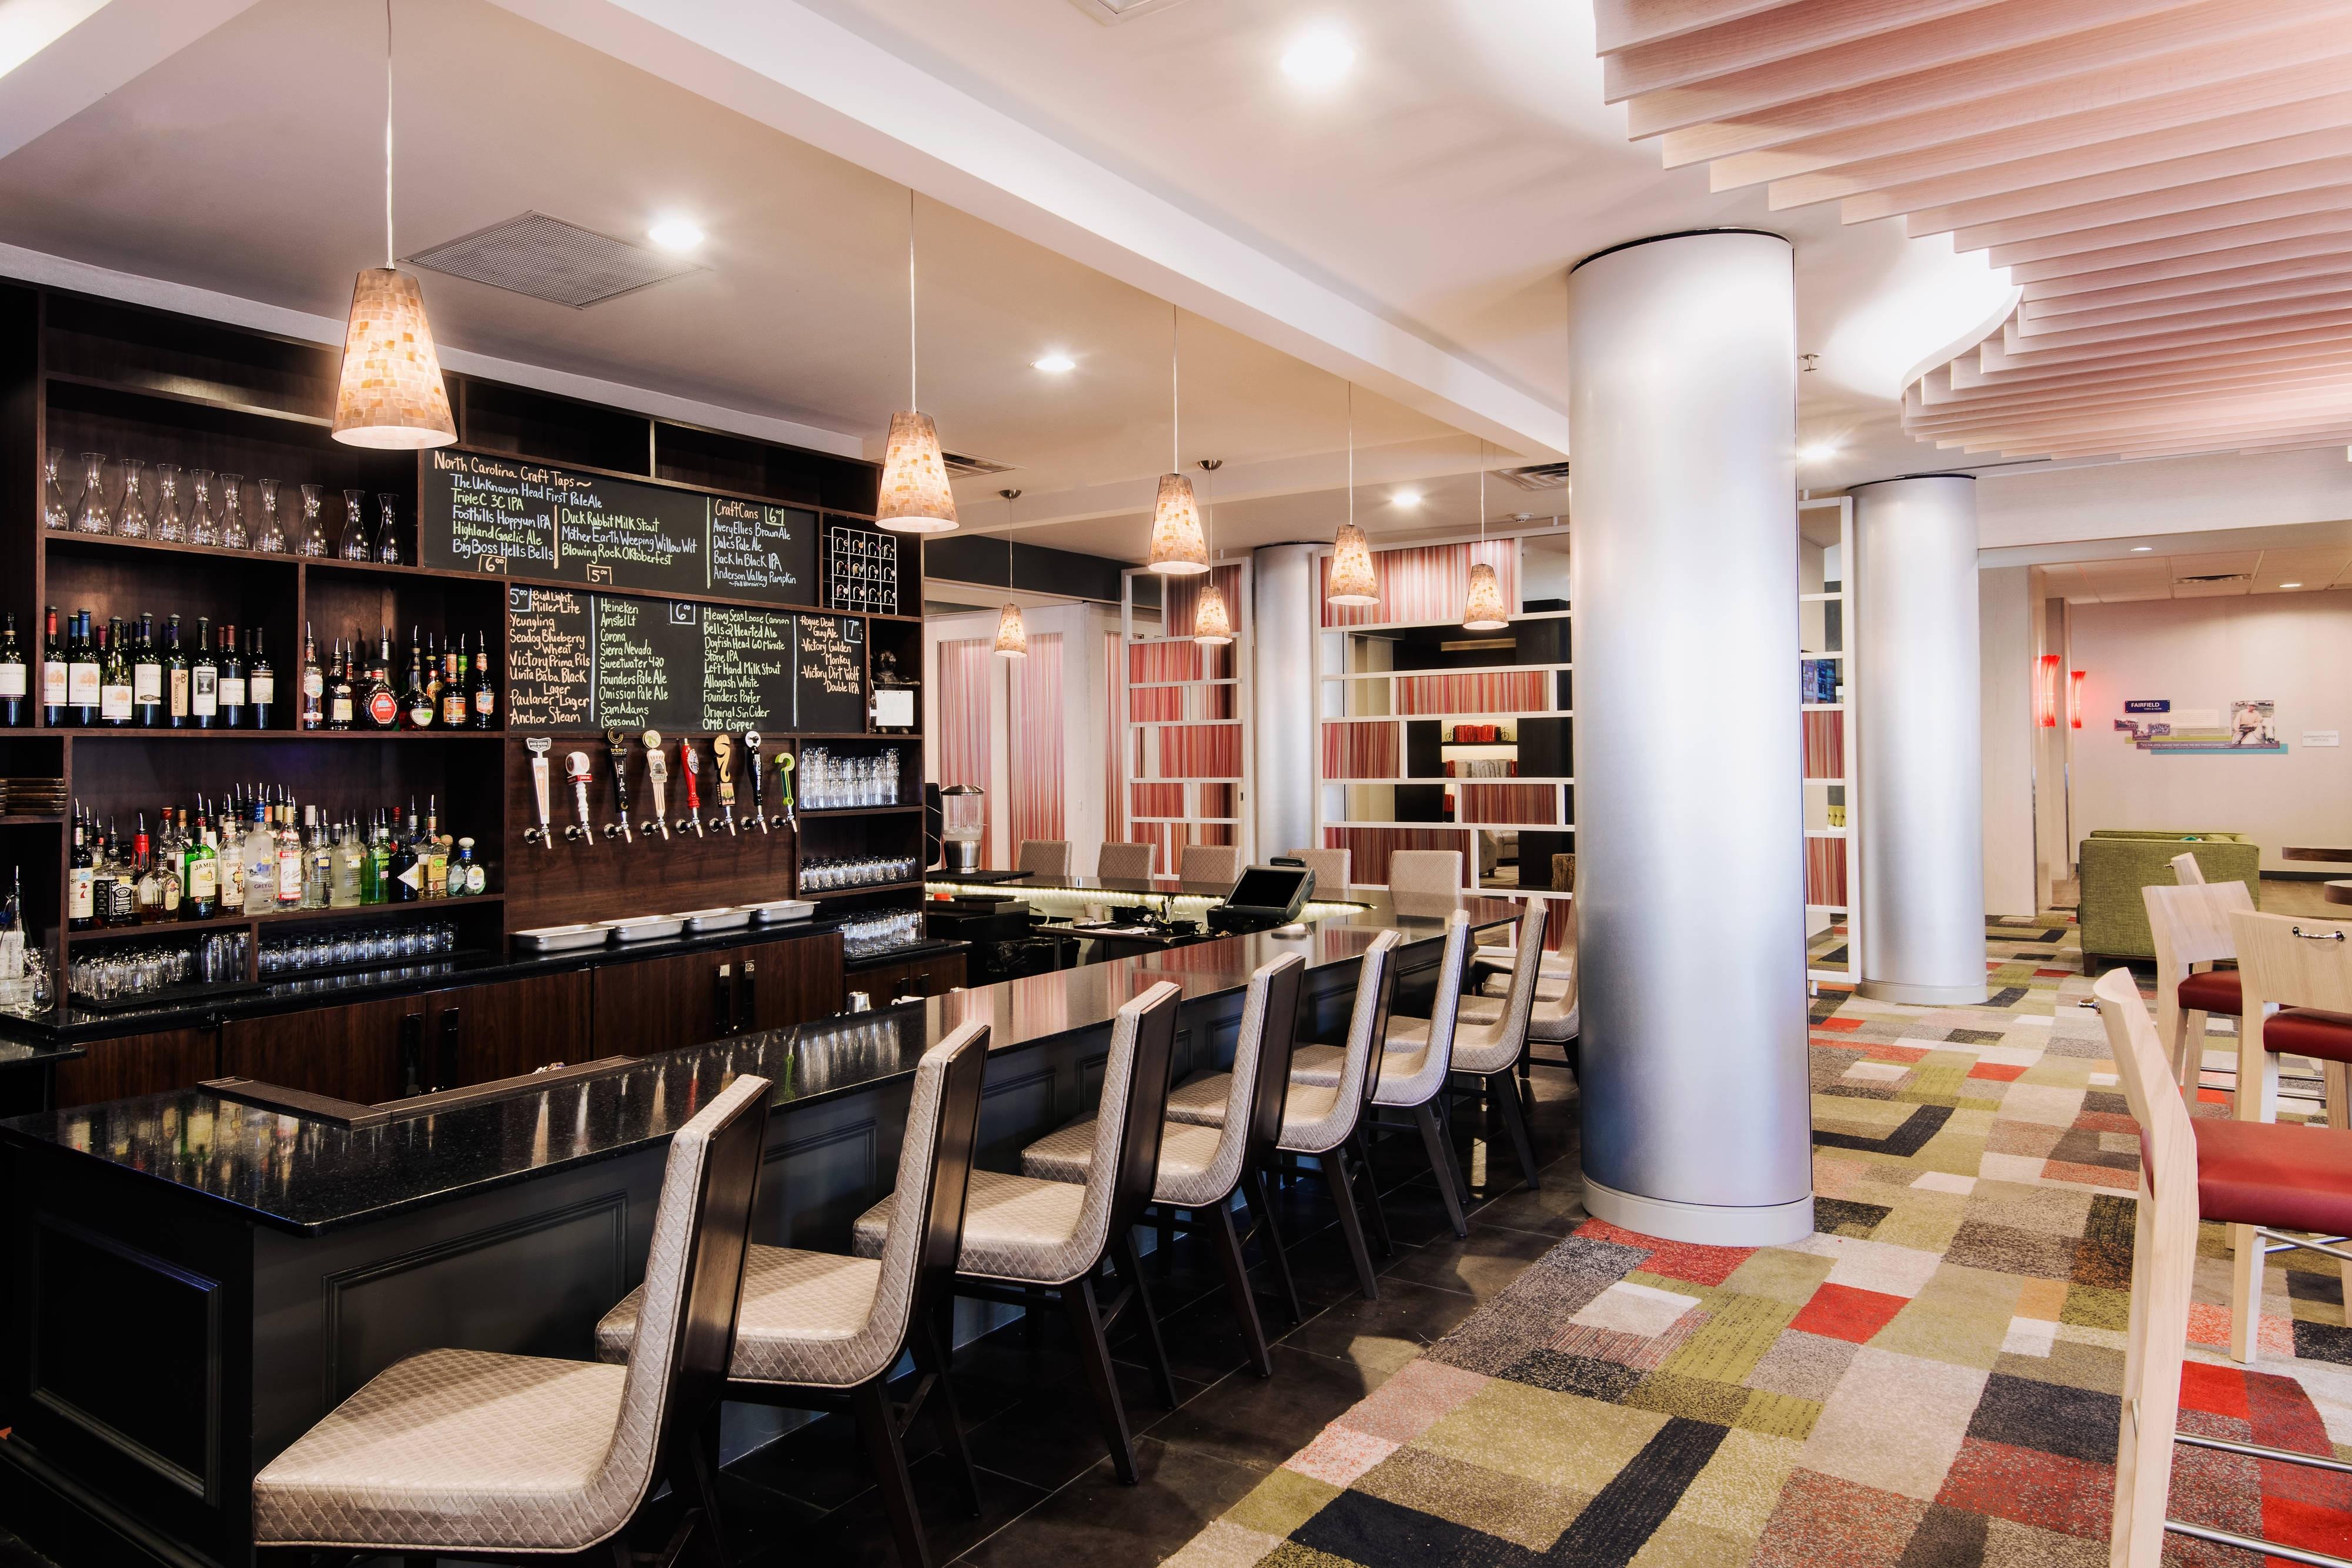 QTavern Restaurant & Bar - Charlotte Uptown